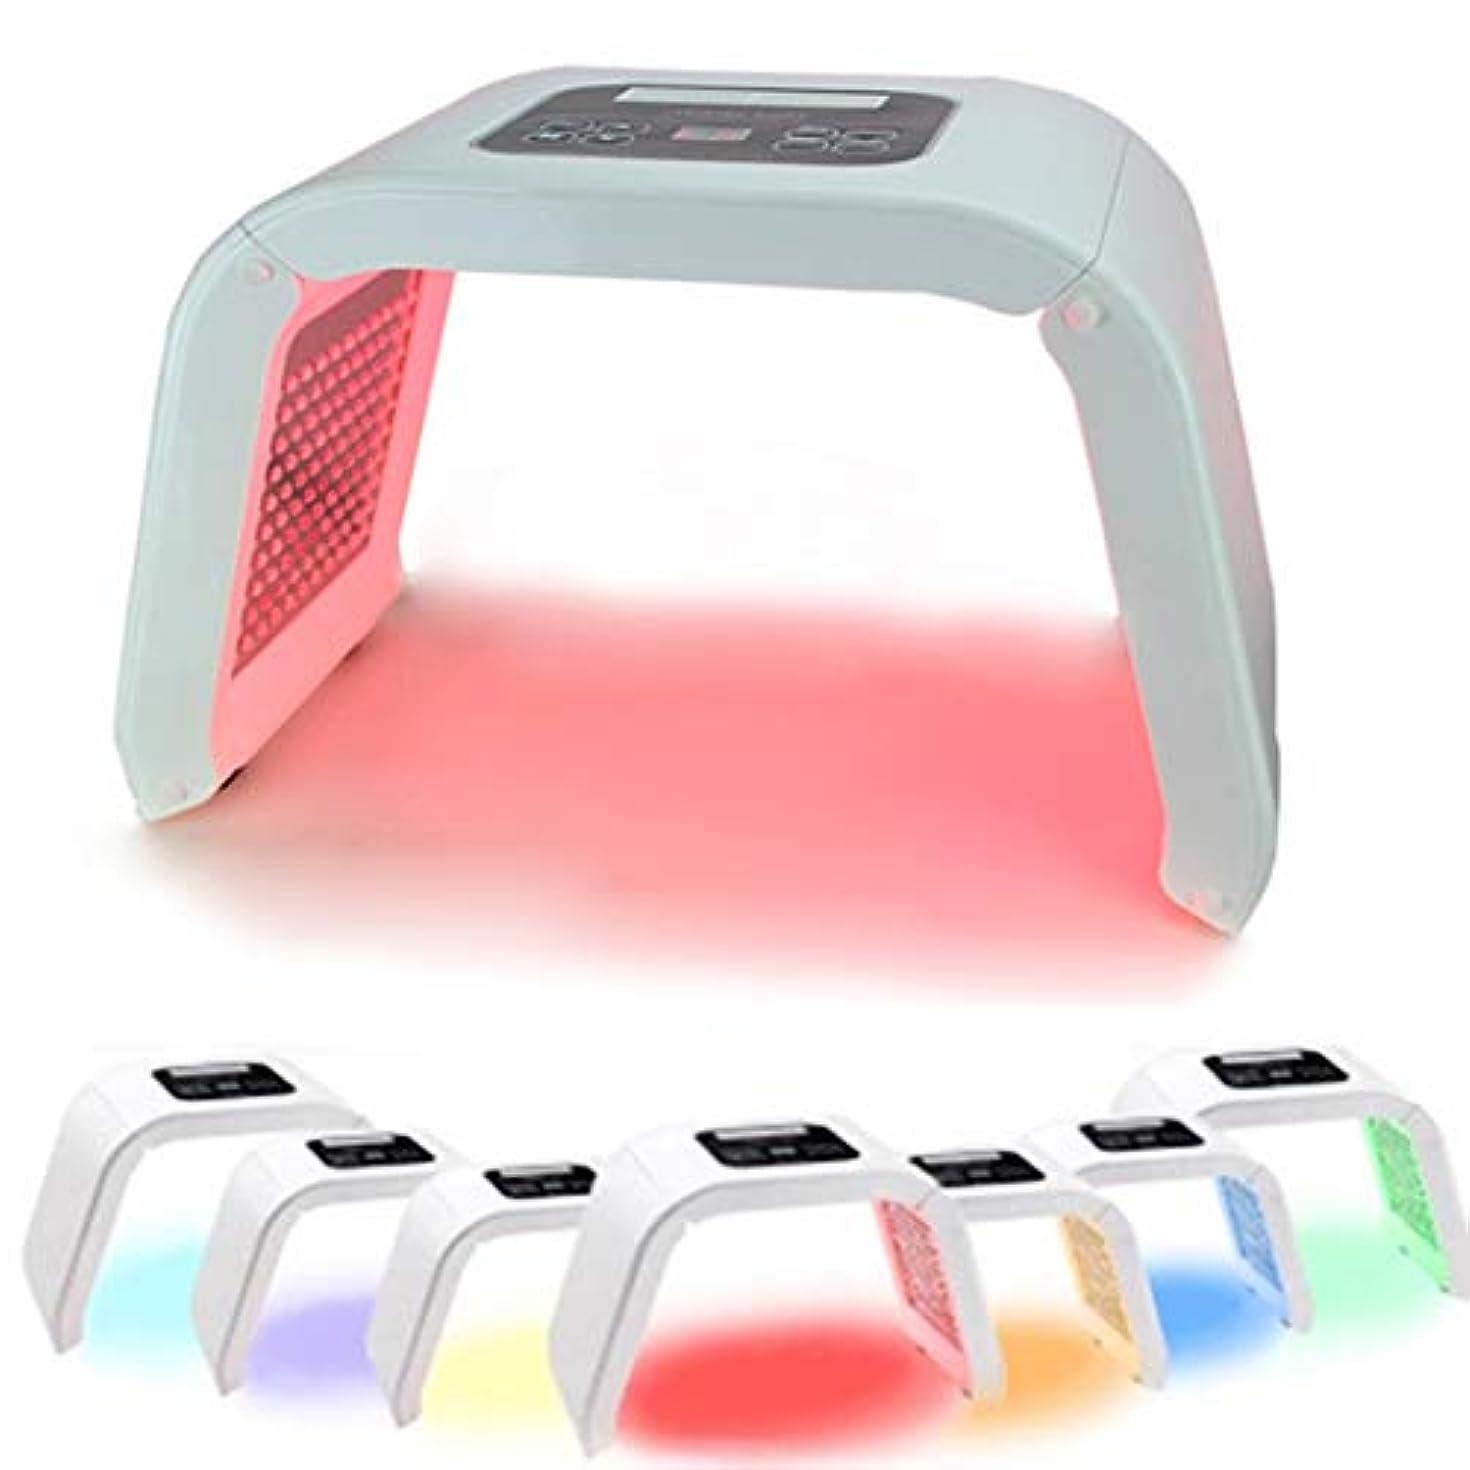 青庭園哀7色がフェイスネックボディのための顔光子レッドライトセラピーアンチリンクルホワイトニングマシン光線力学をLED